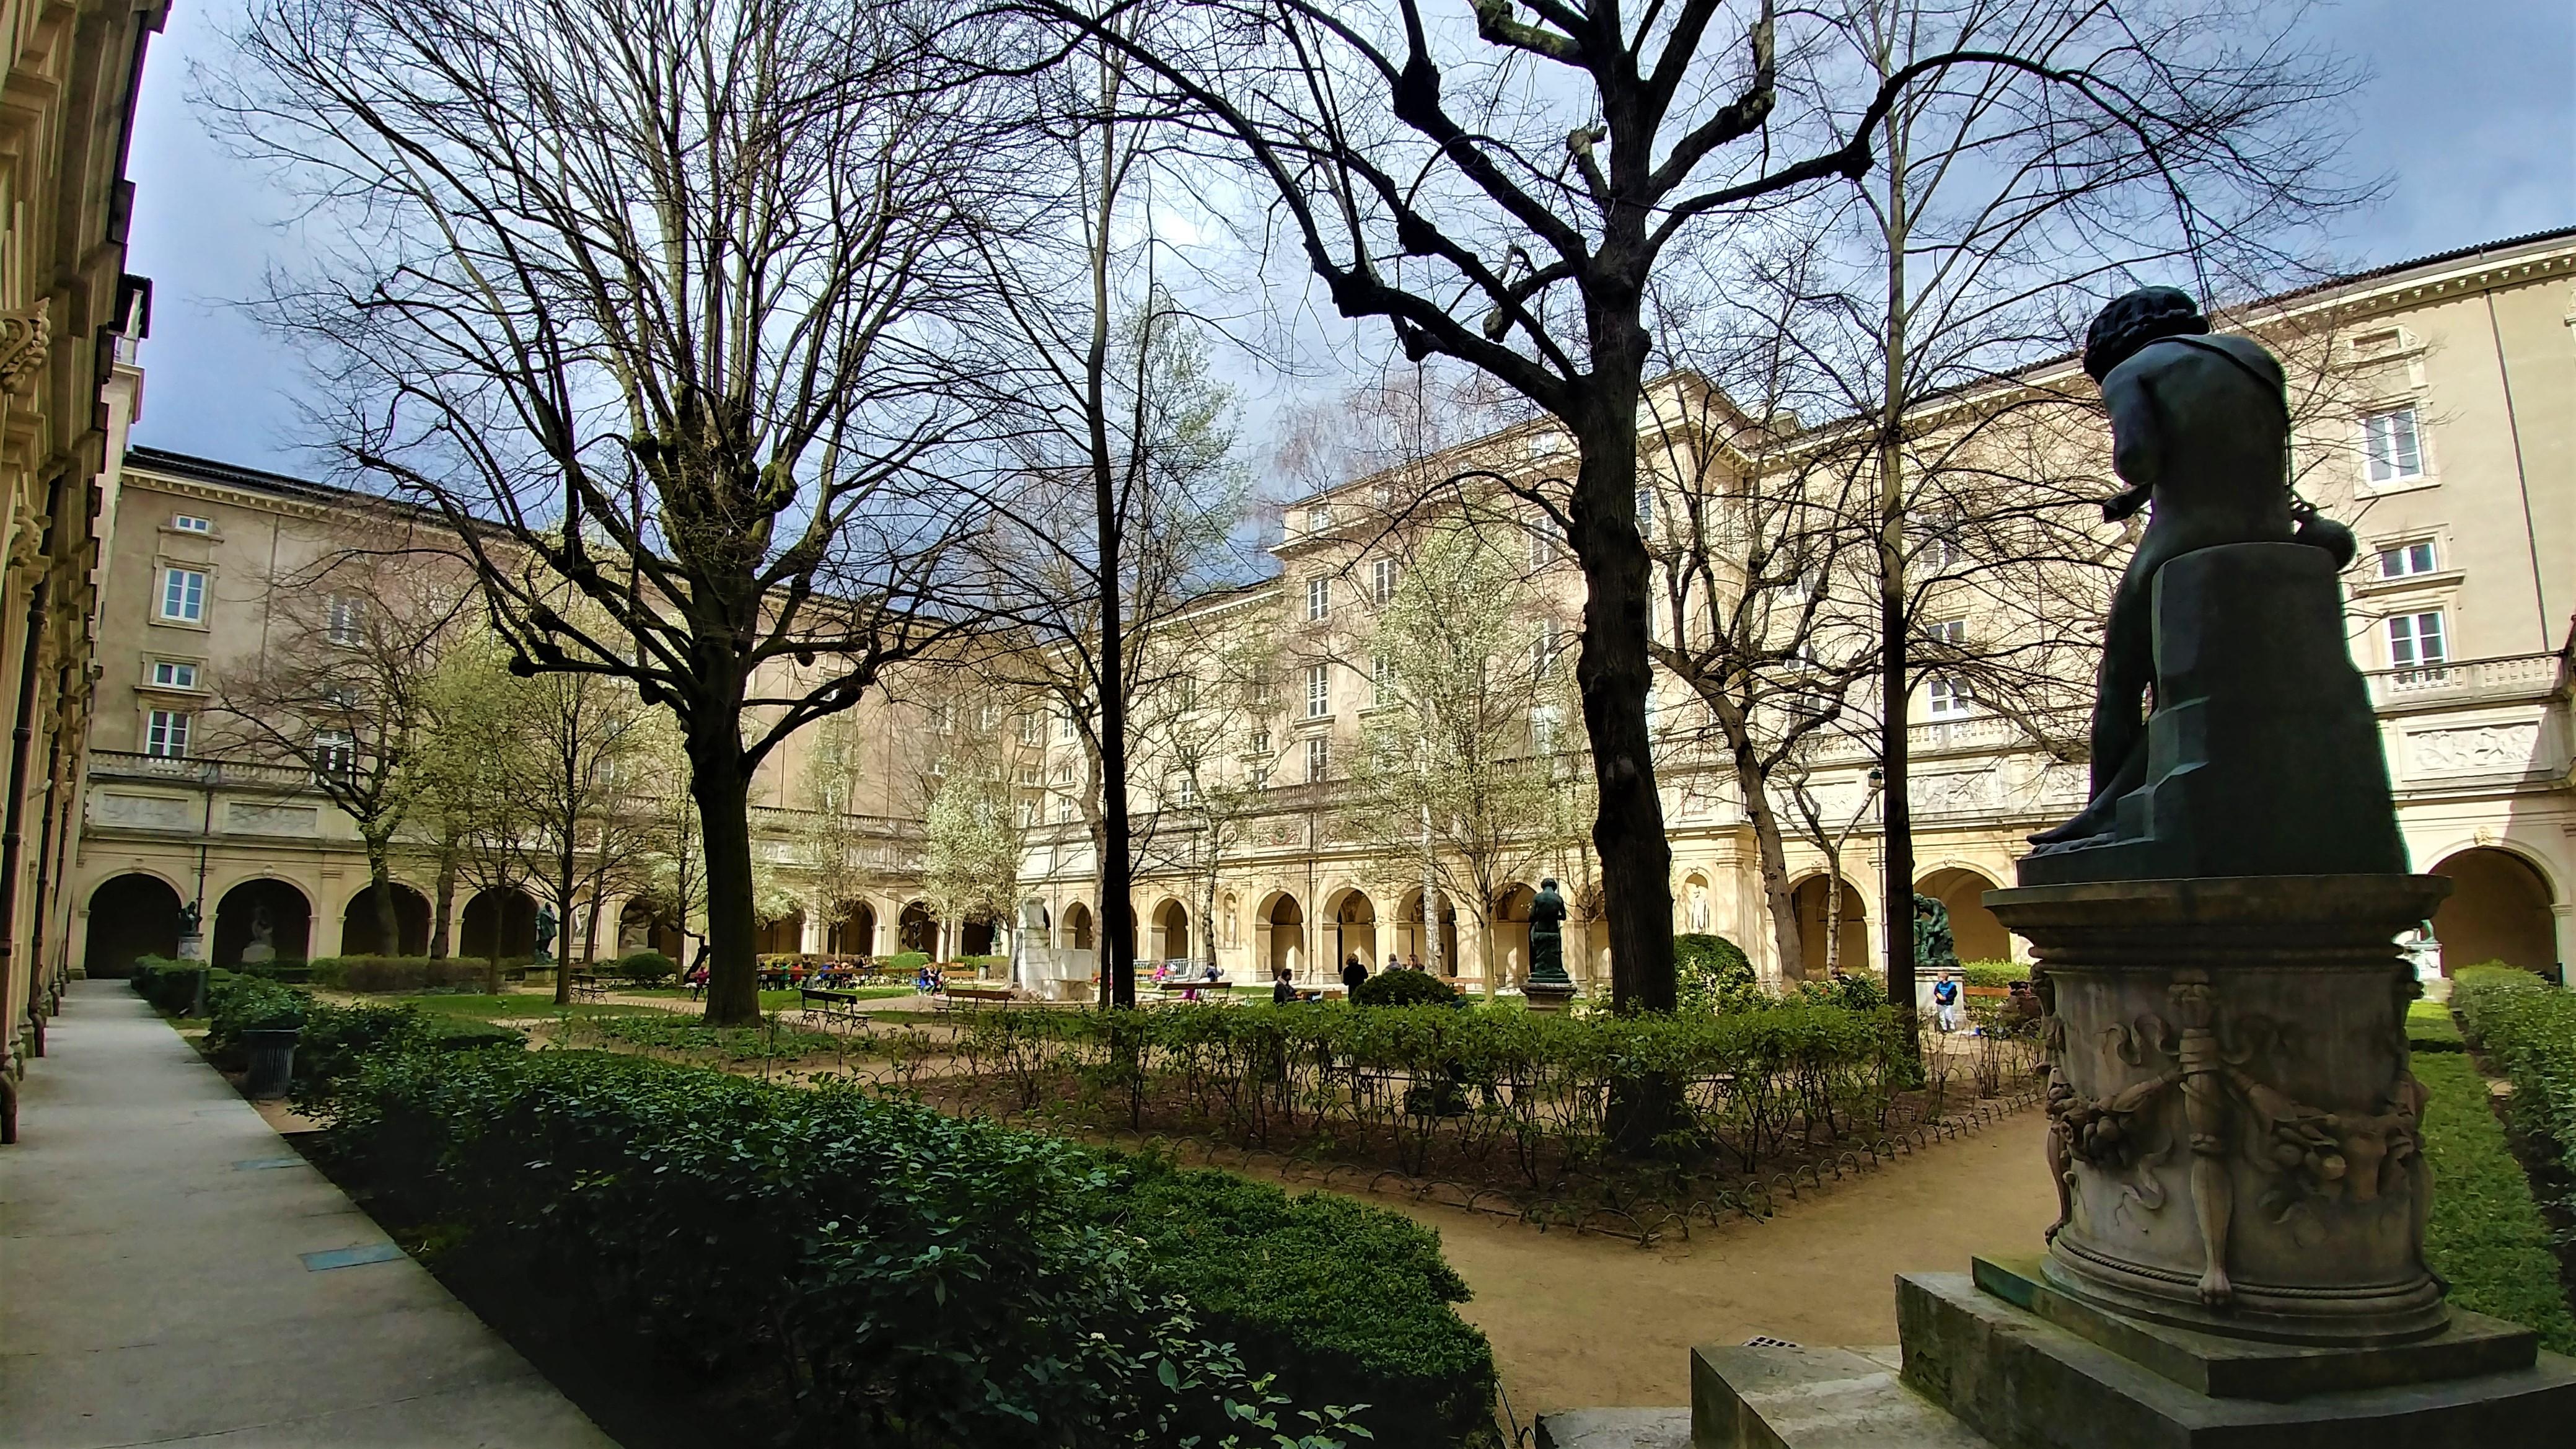 cour musee beaux-arts lyon place terreaux endroits insolites